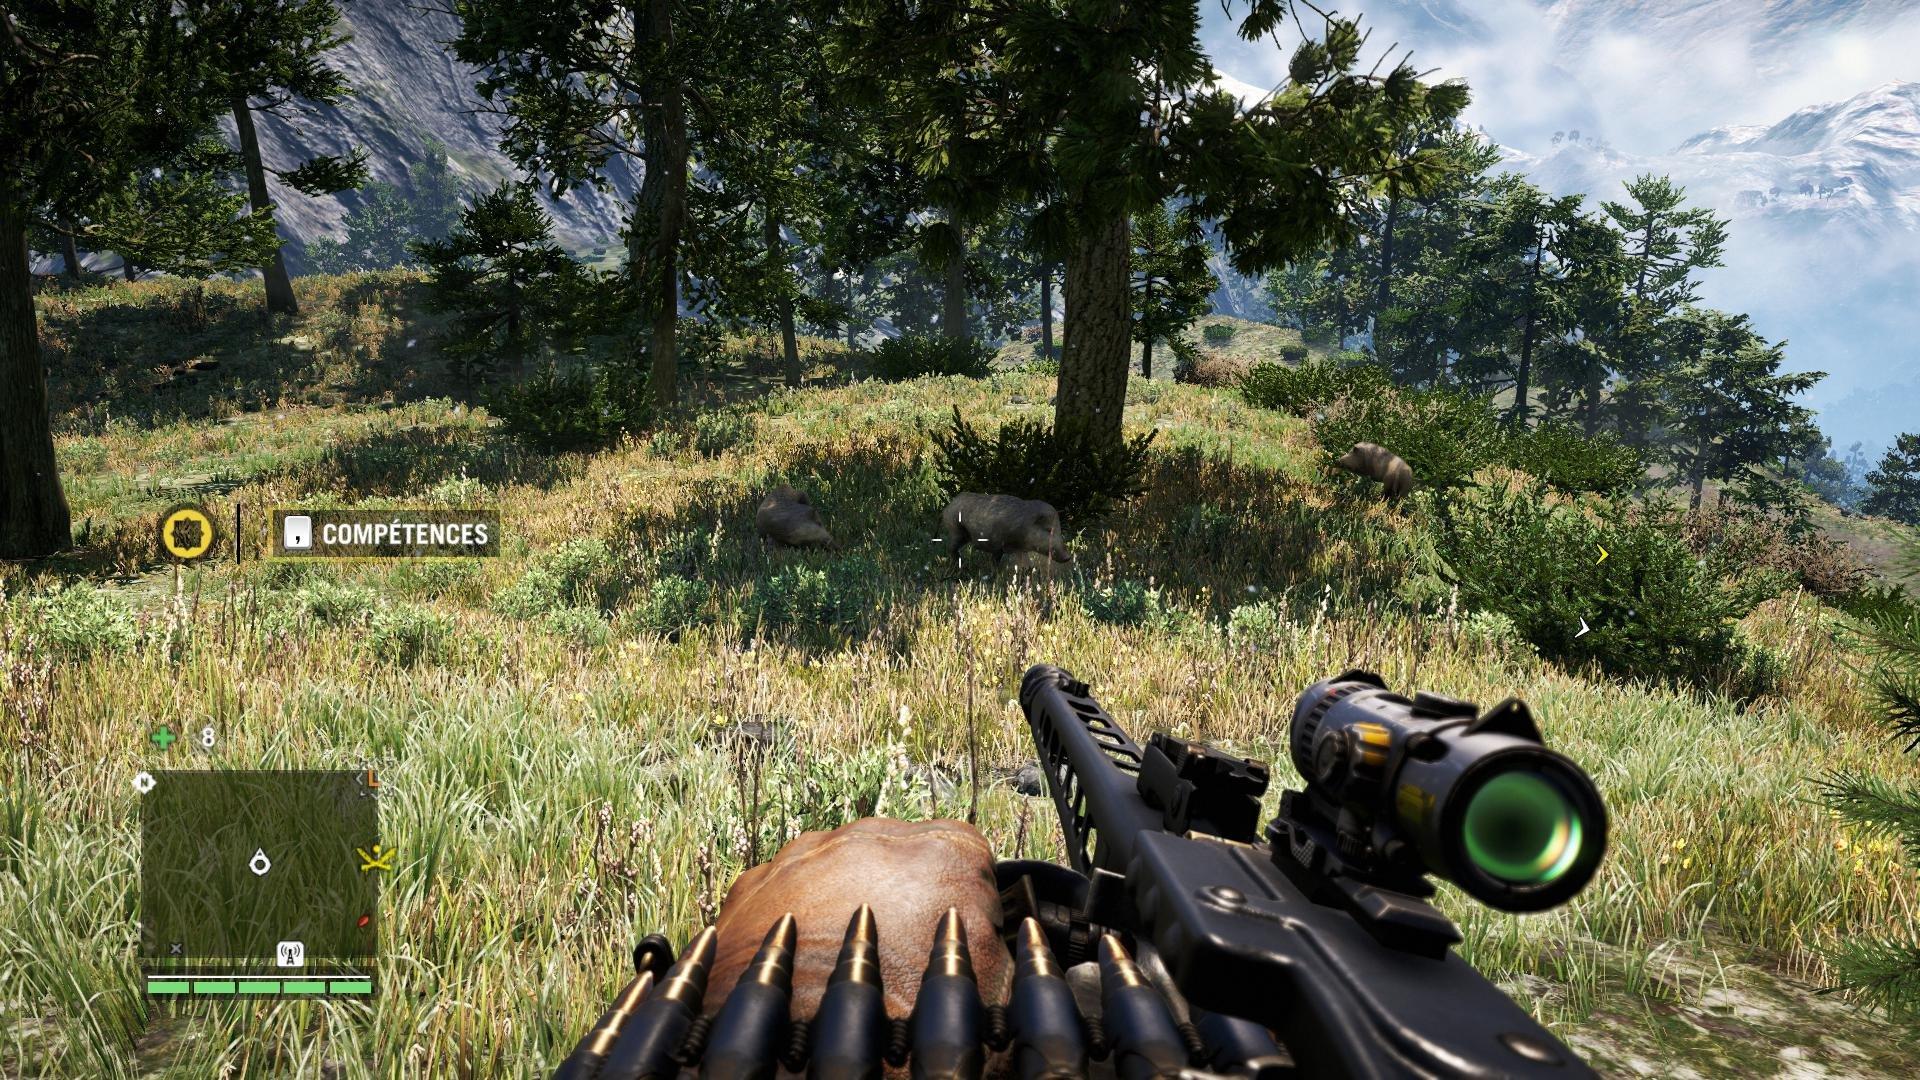 Far  Cry 4 - Page 2 17631c0a-b5e4-4b3f-9df9-3d0de4bce315